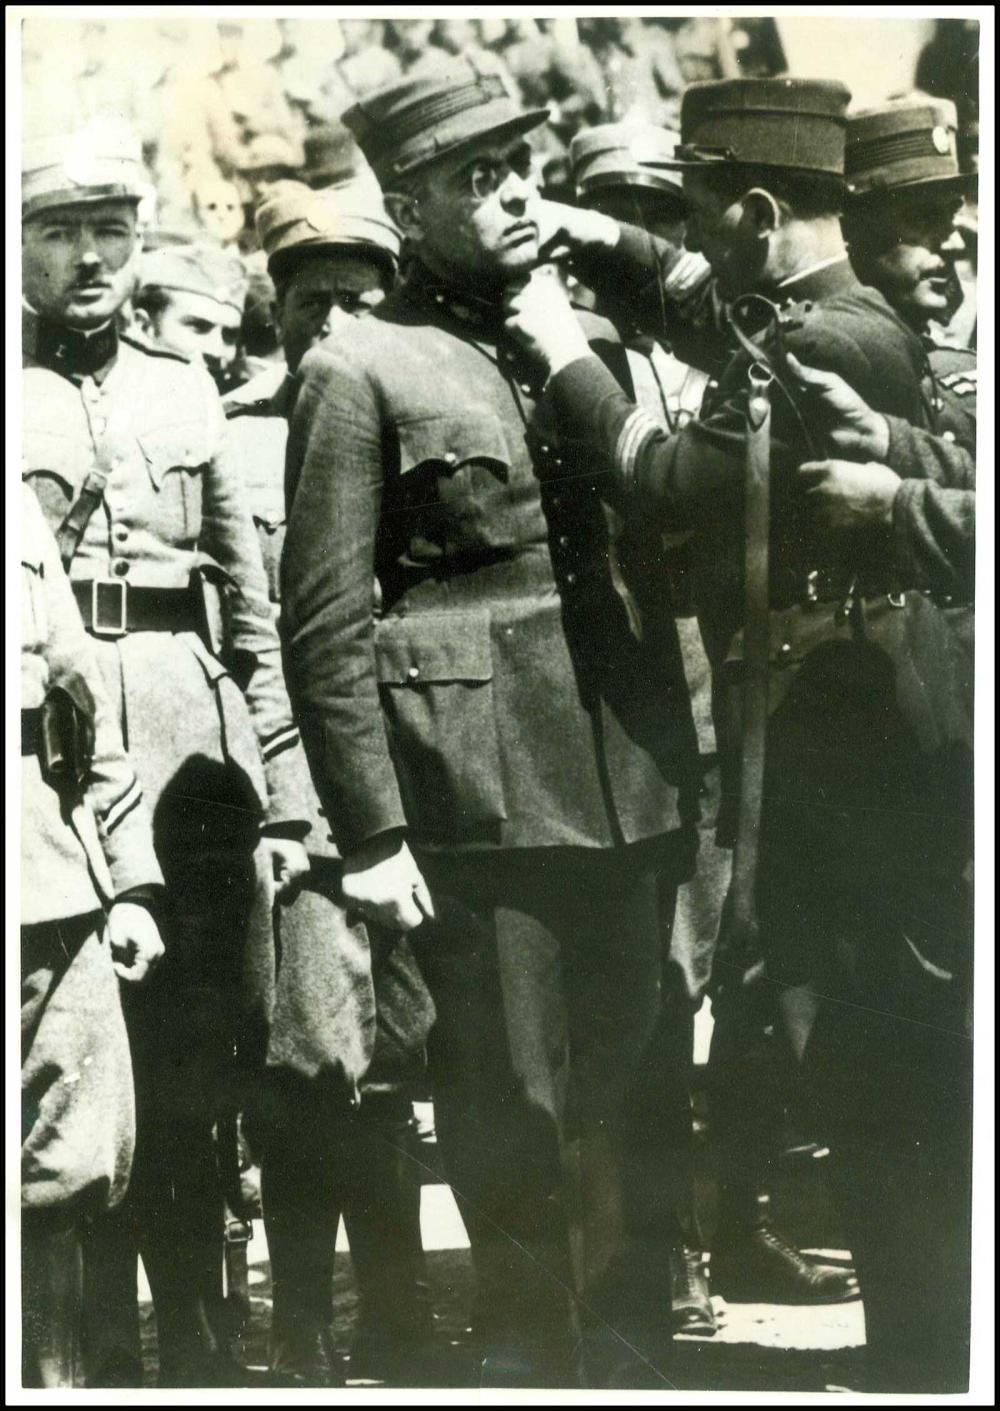 ΚΙΝΗΜΑ ΤΟΥ 1935 - Τραγική στιγμή απόταξης του Ανχη Τσιγάντε, καθώς του... - Greece - PORTRAITS - PERSONALITIES / -